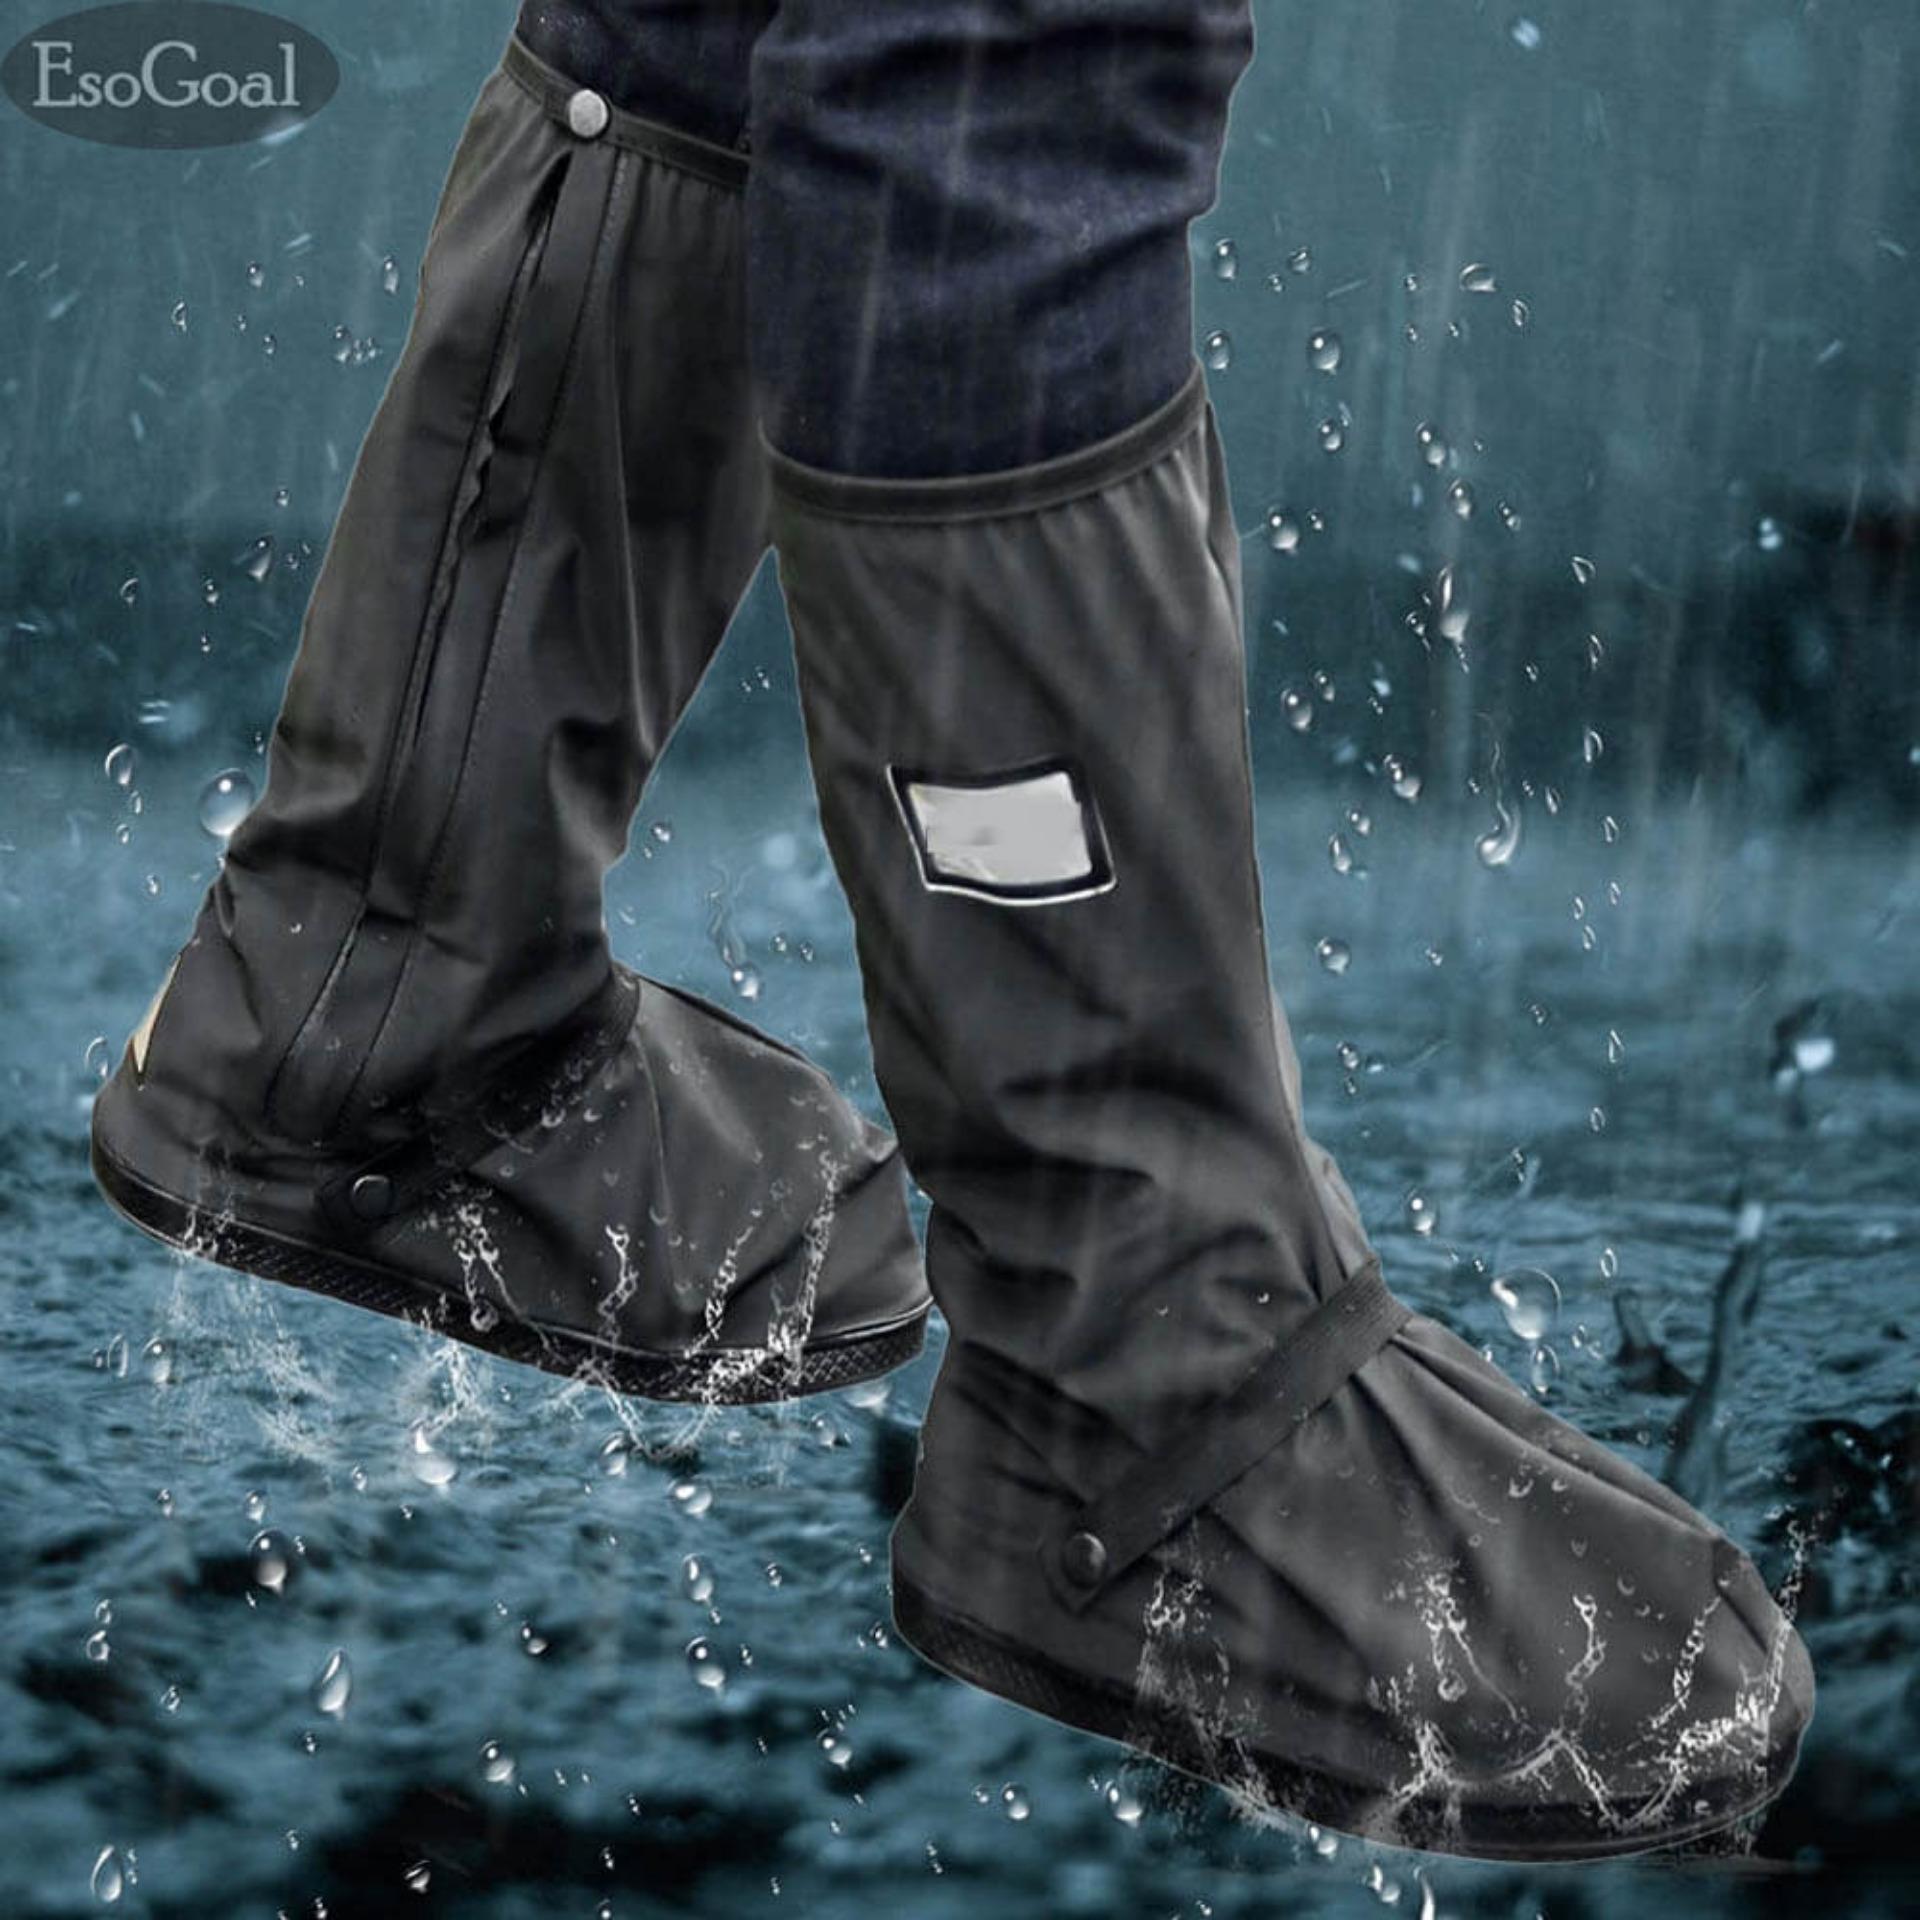 Jual Beli Esogoal Long Black Anti Slip Waterproof Sepatu Boot Hujan Cover Overshoes Dengan Tali Elastis Untuk Wanita Pria 1 Pair